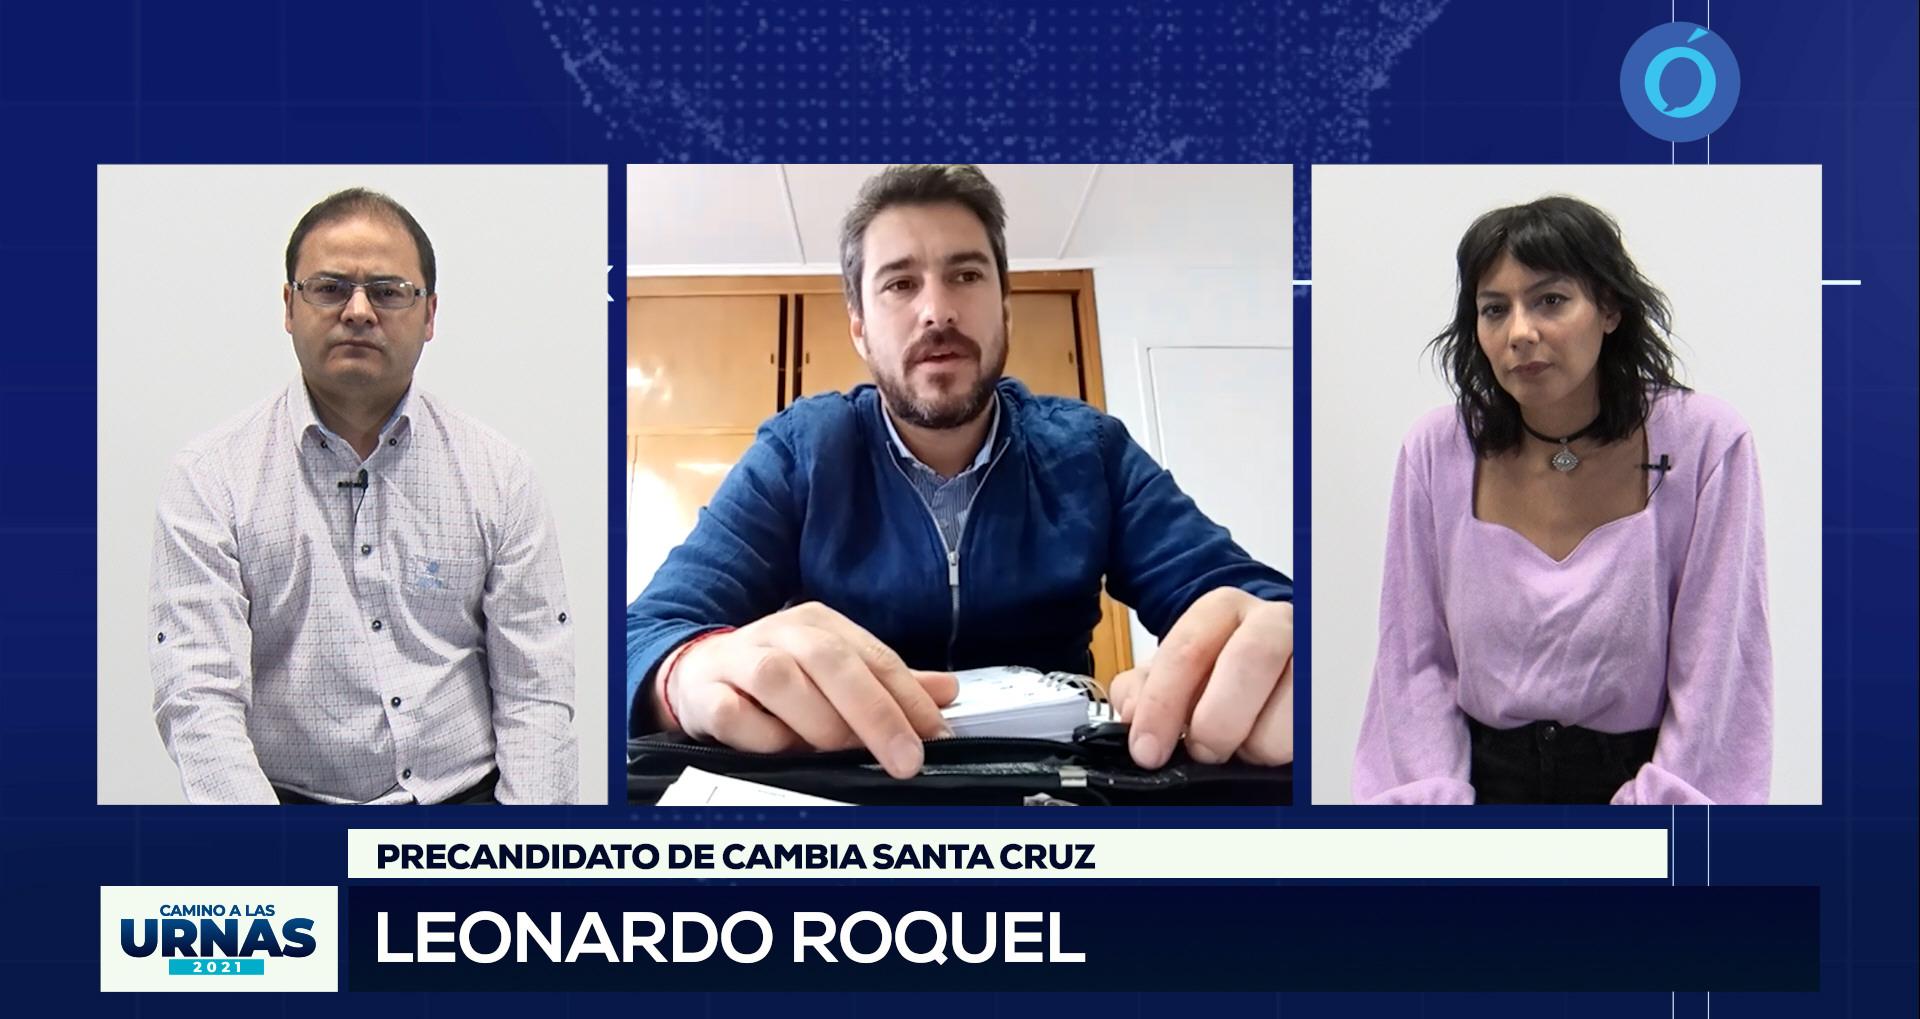 Roquel junto a los conductores Pablo Manuel y Sara Delgado.